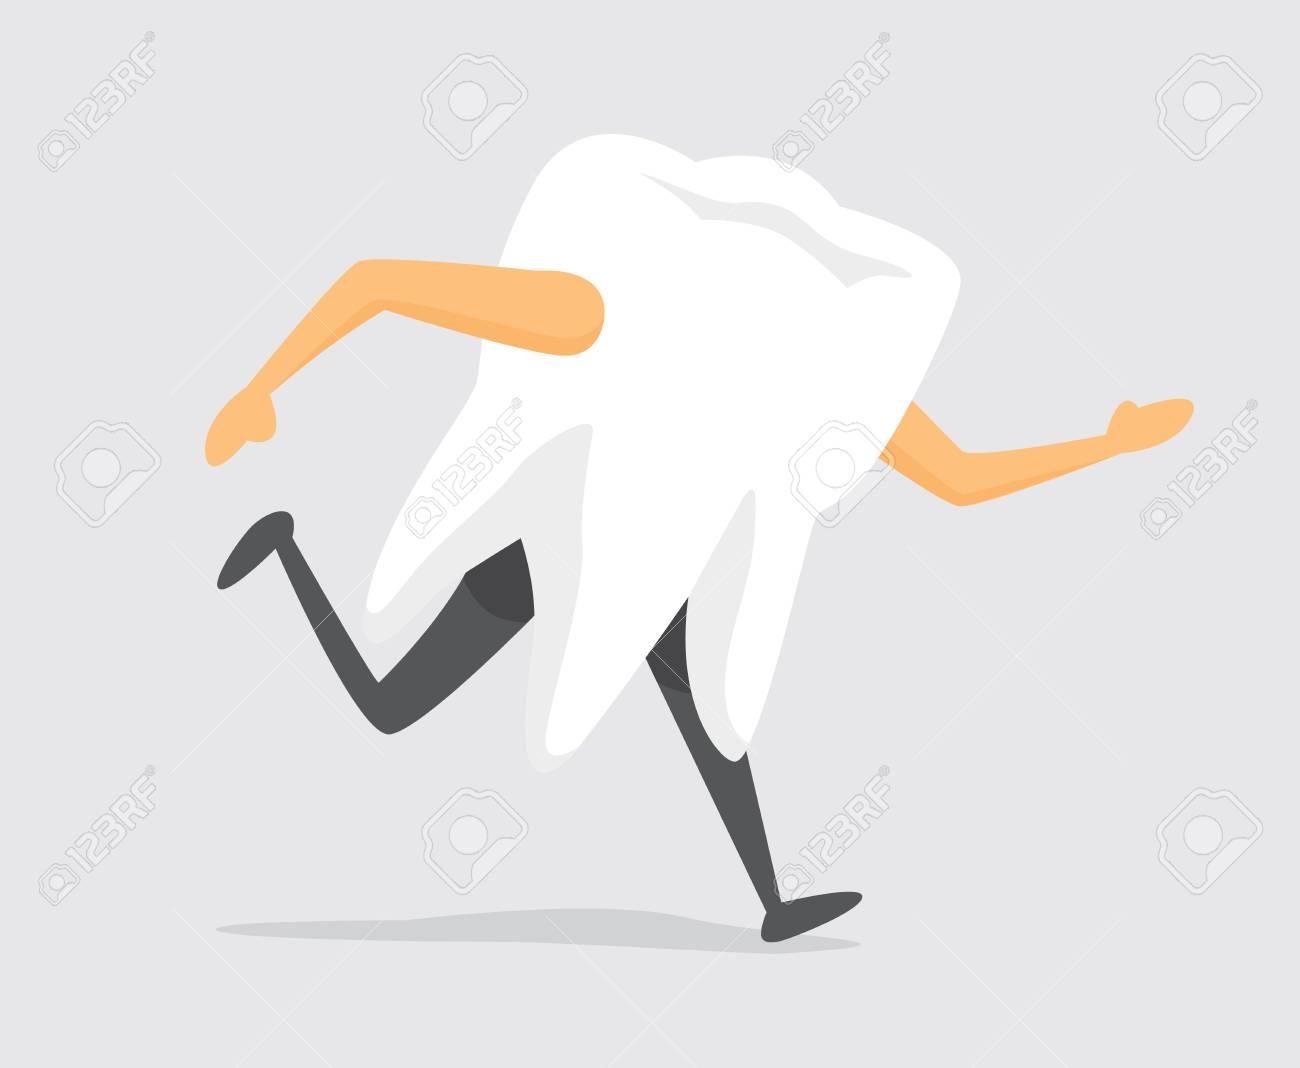 Cartoon illustration of tooth on the run - 81918846